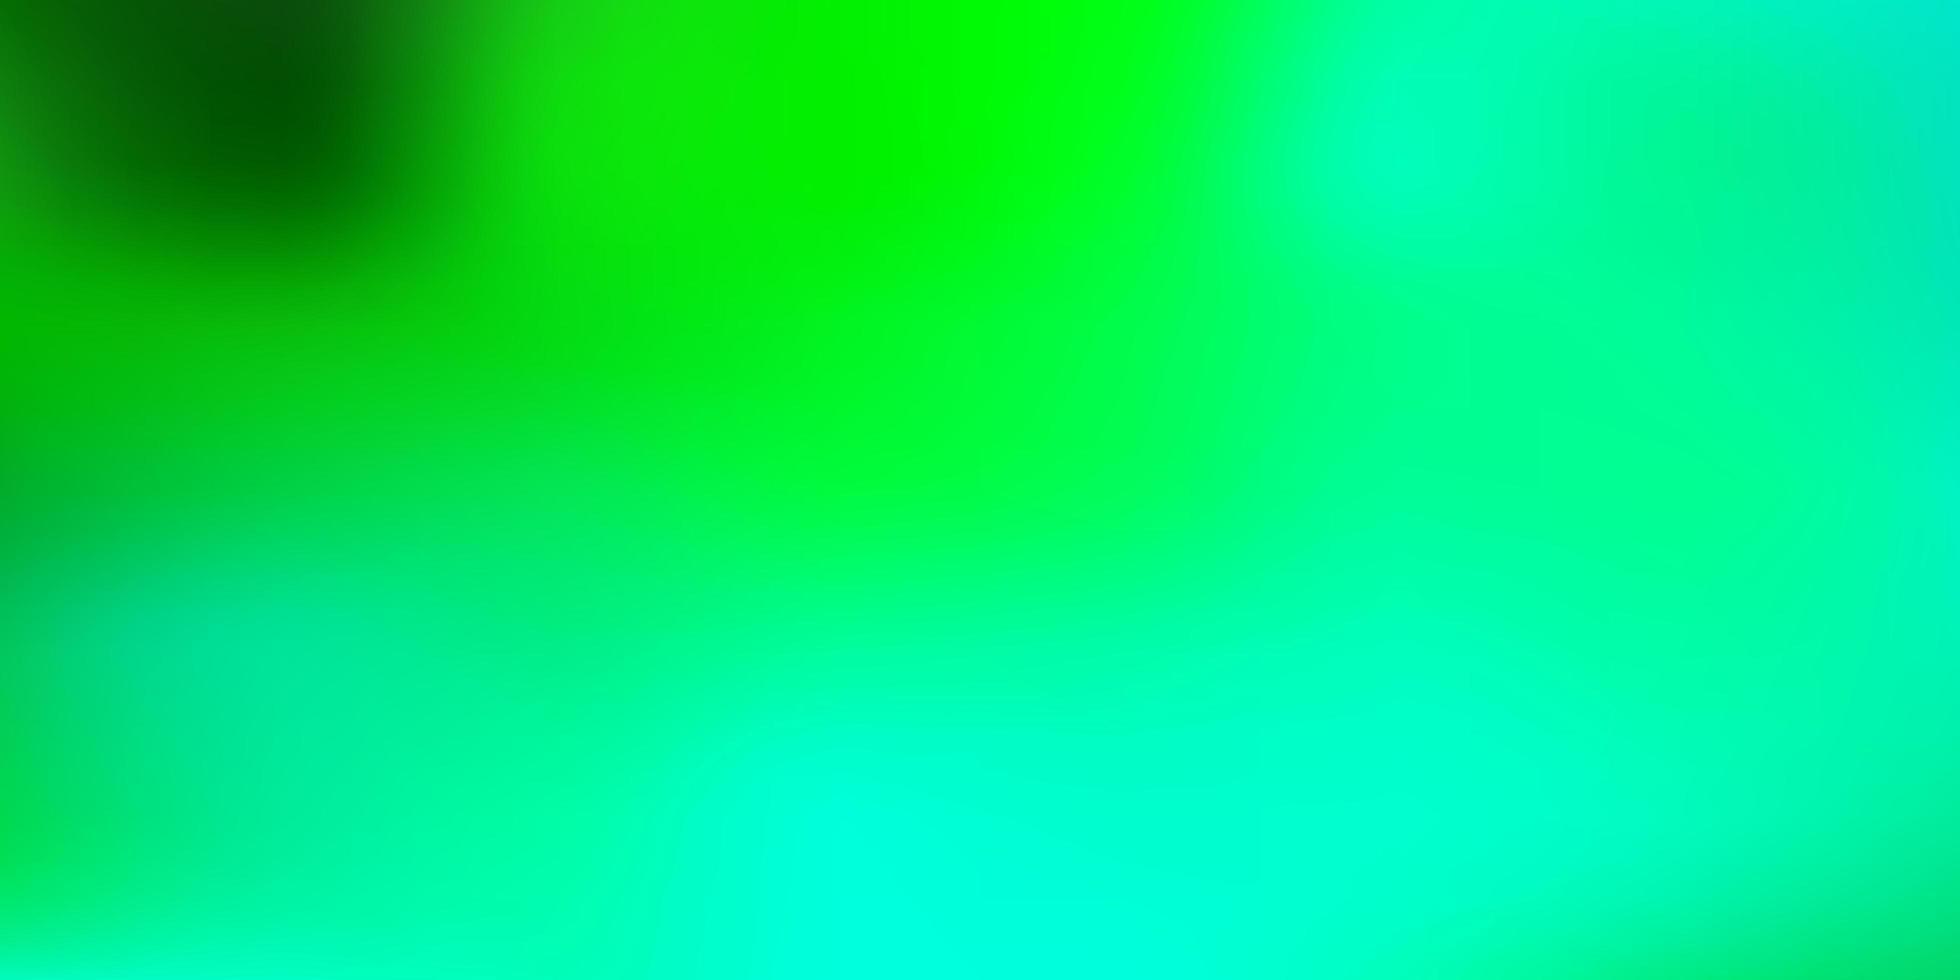 dibujo de desenfoque abstracto de vector verde claro.